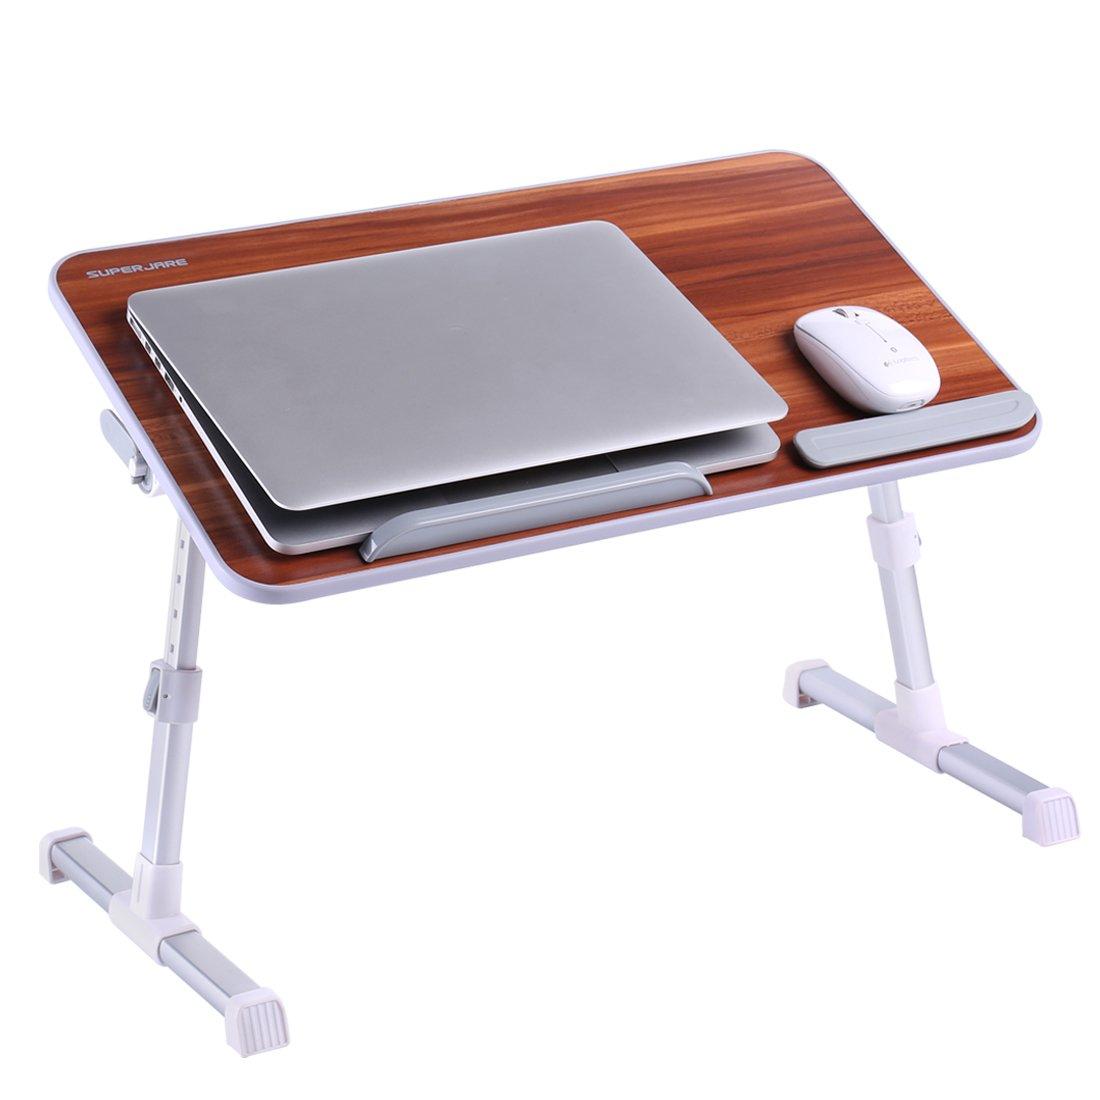 ポータブルラップトップテーブルby superjare、折りたたみ式、耐久性デザインスタンドデスク、調節可能な角度と高さのベッドソファフロアデスク、ノートブックホルダー、朝食トレイ – American Cherry / Bamboo Wood Grain 20 1/2